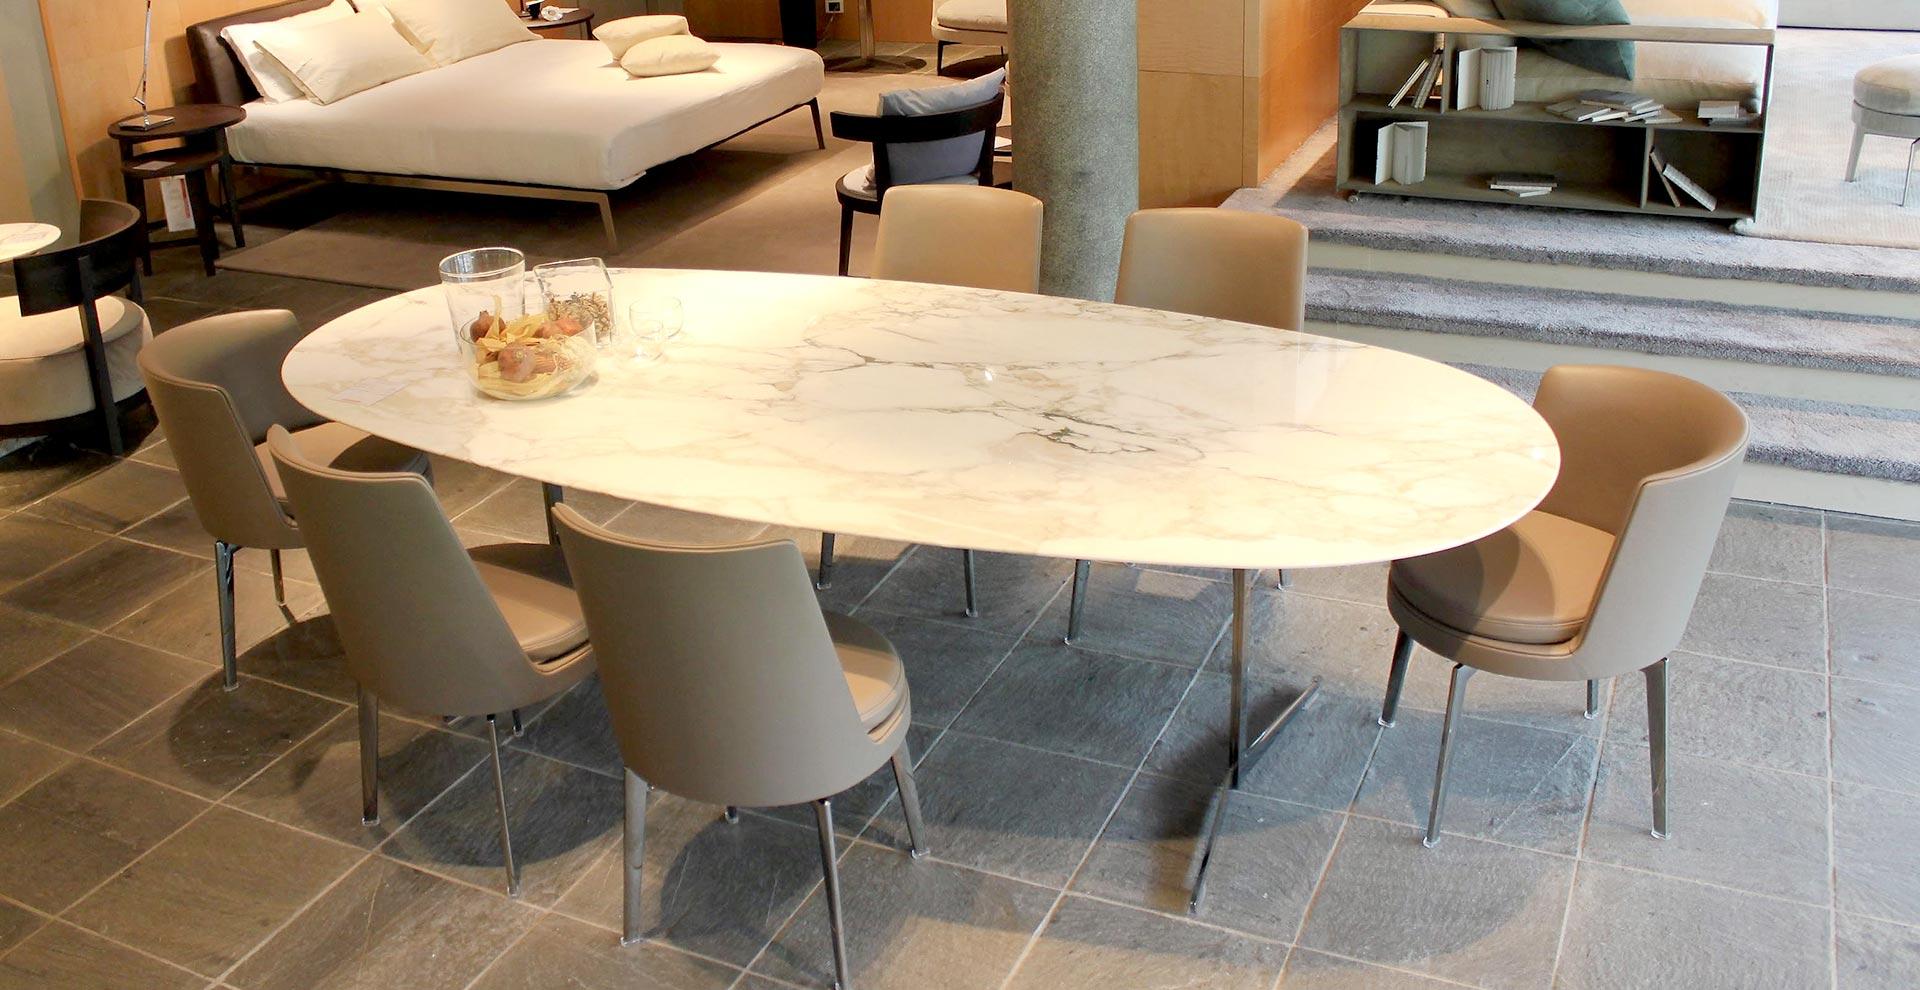 fly-table-flexform1 Meilleur De De Table Haute Fly Conception